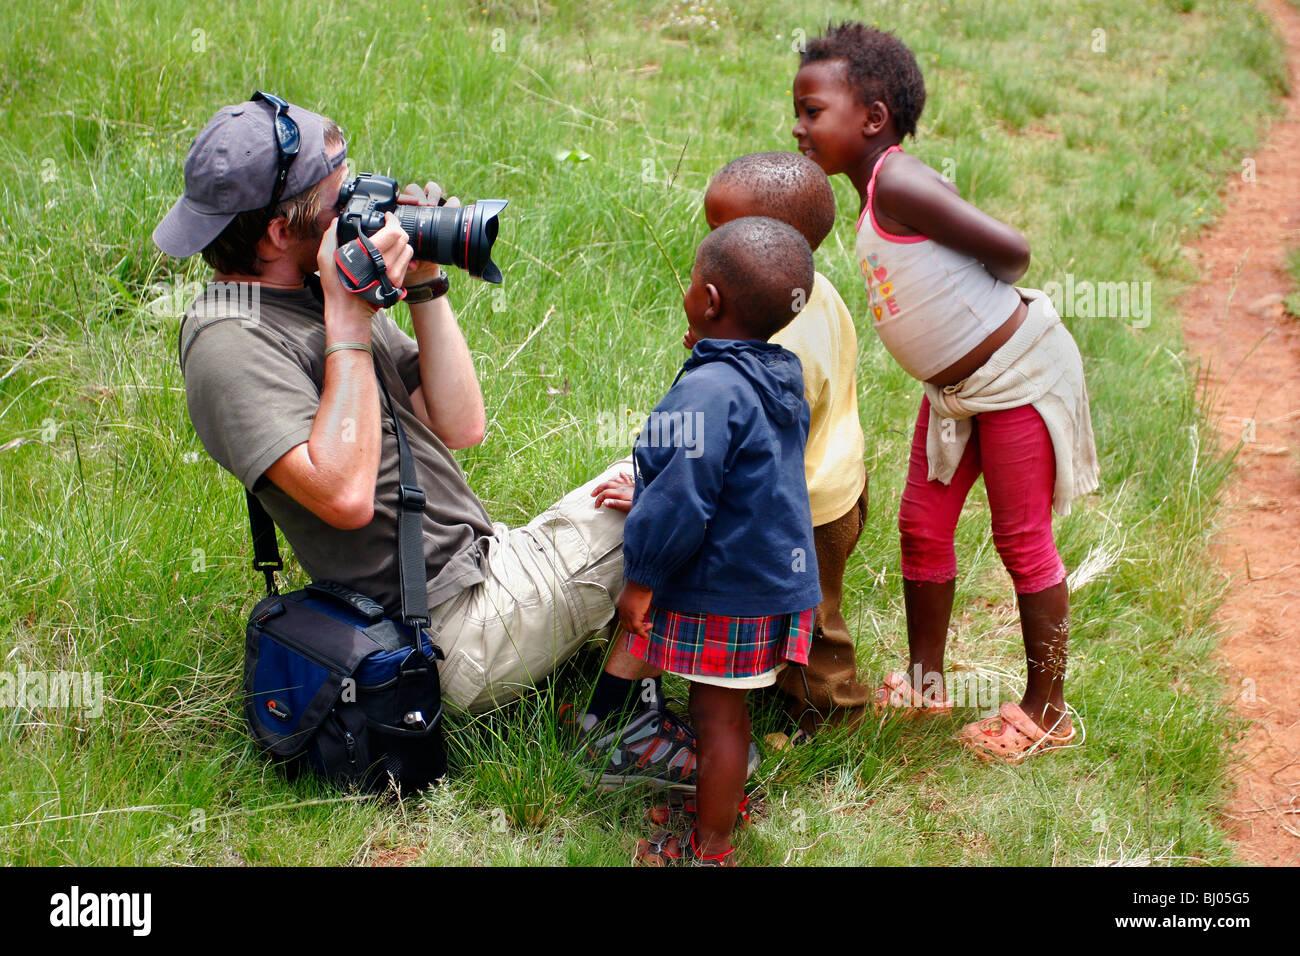 Fotografo in Lesotho con curiosi i bambini Immagini Stock